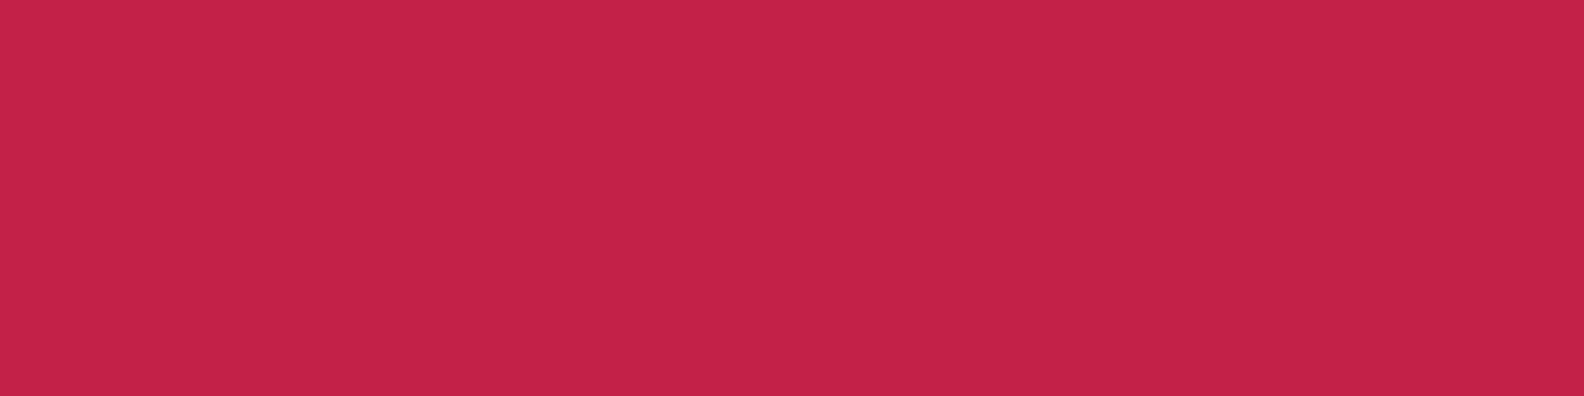 1584x396 Maroon Crayola Solid Color Background